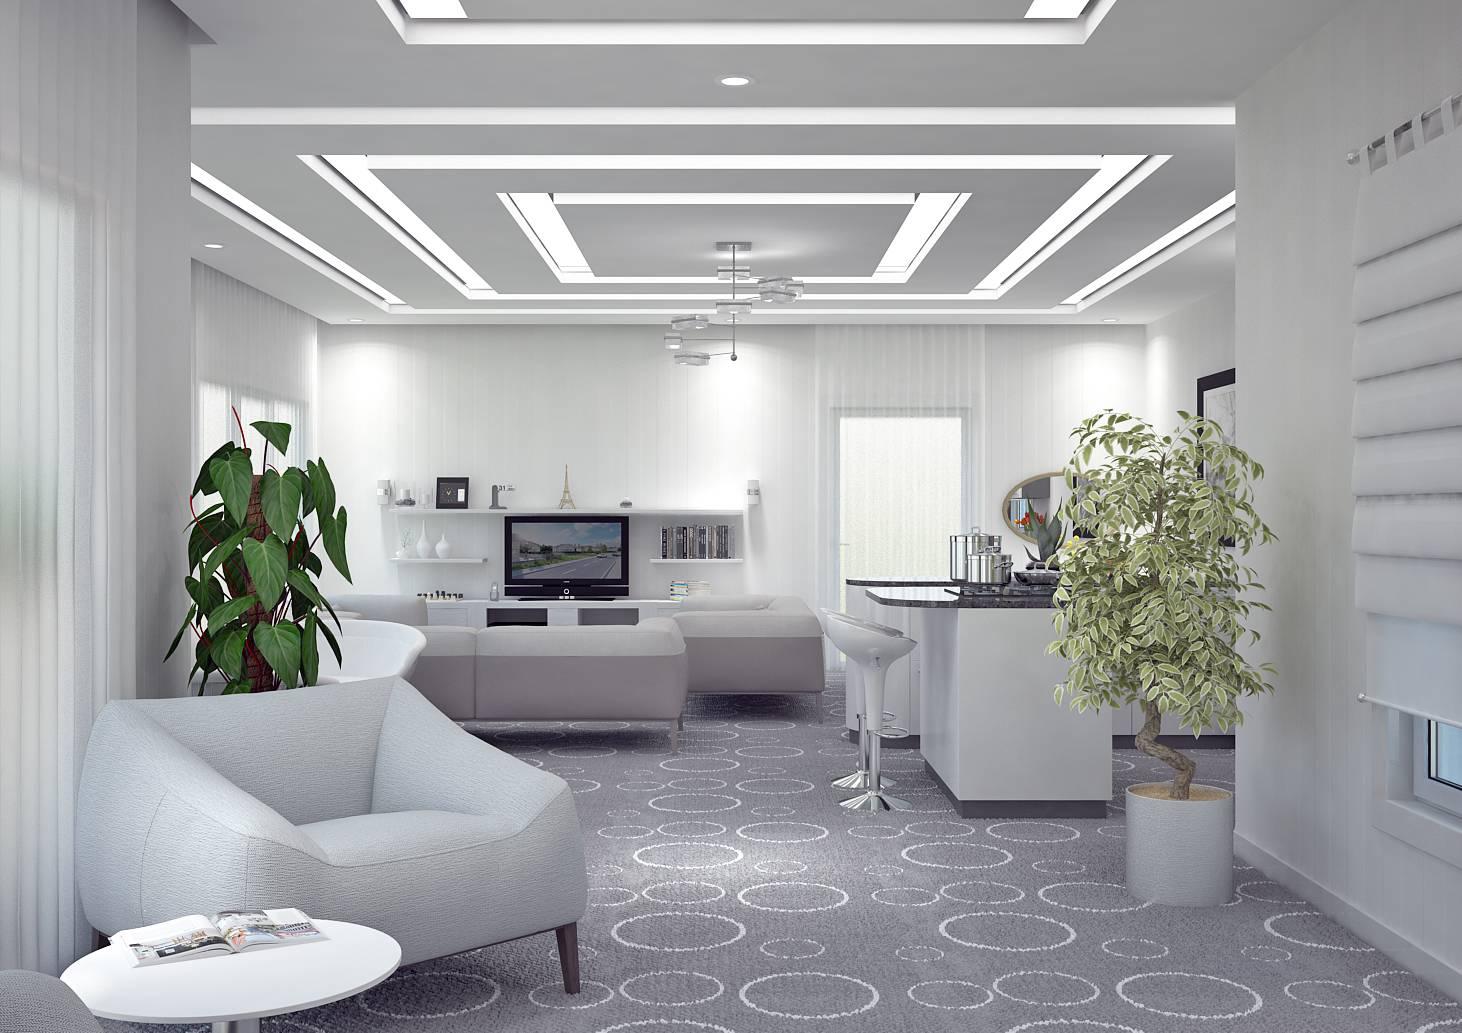 Traditional Gypsum False Ceiling - Best False Ceiling Designs